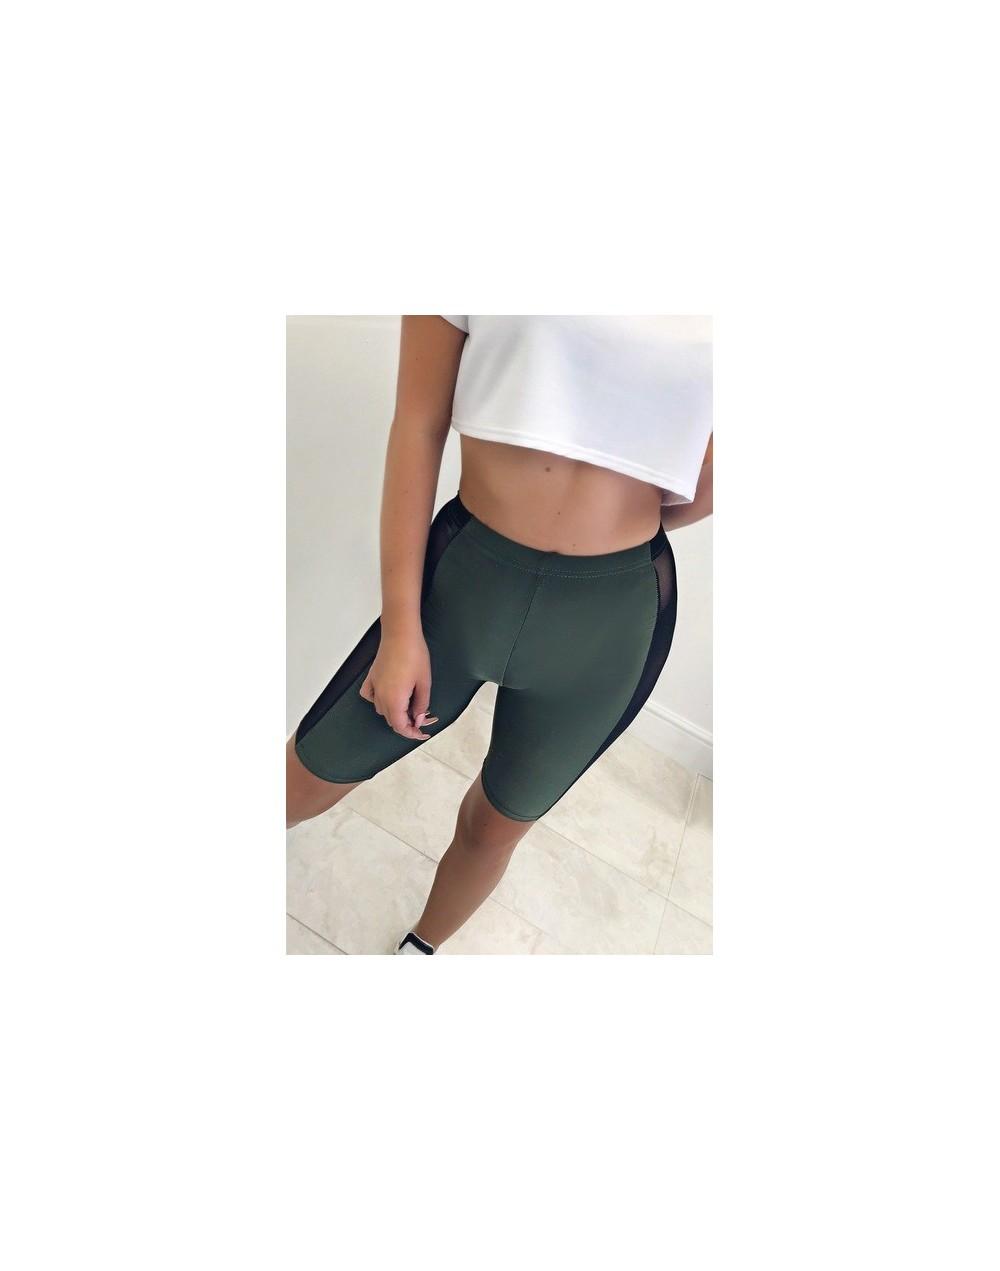 Summer Short Pant Women Half Length Elastic Waist Mesh Patch Stretch Shorts High Waist Shorts For Women - Green - 4R30761389...